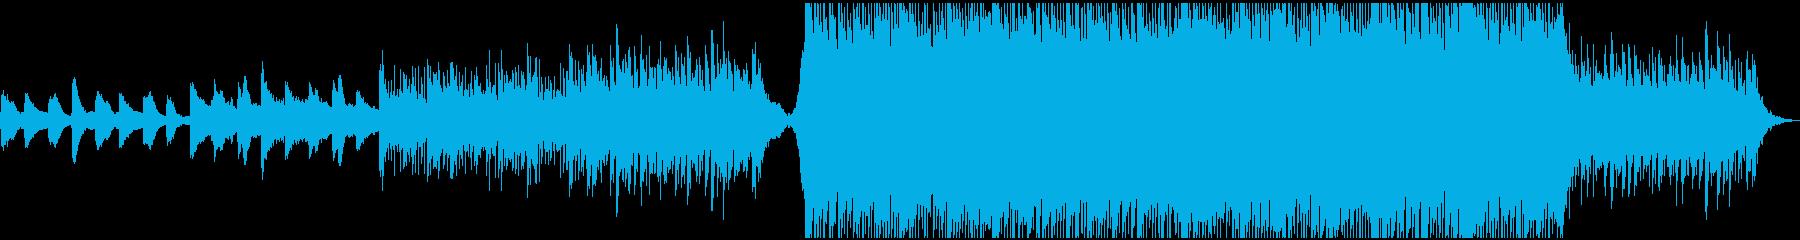 企業VPでインスピレーションのある曲の再生済みの波形